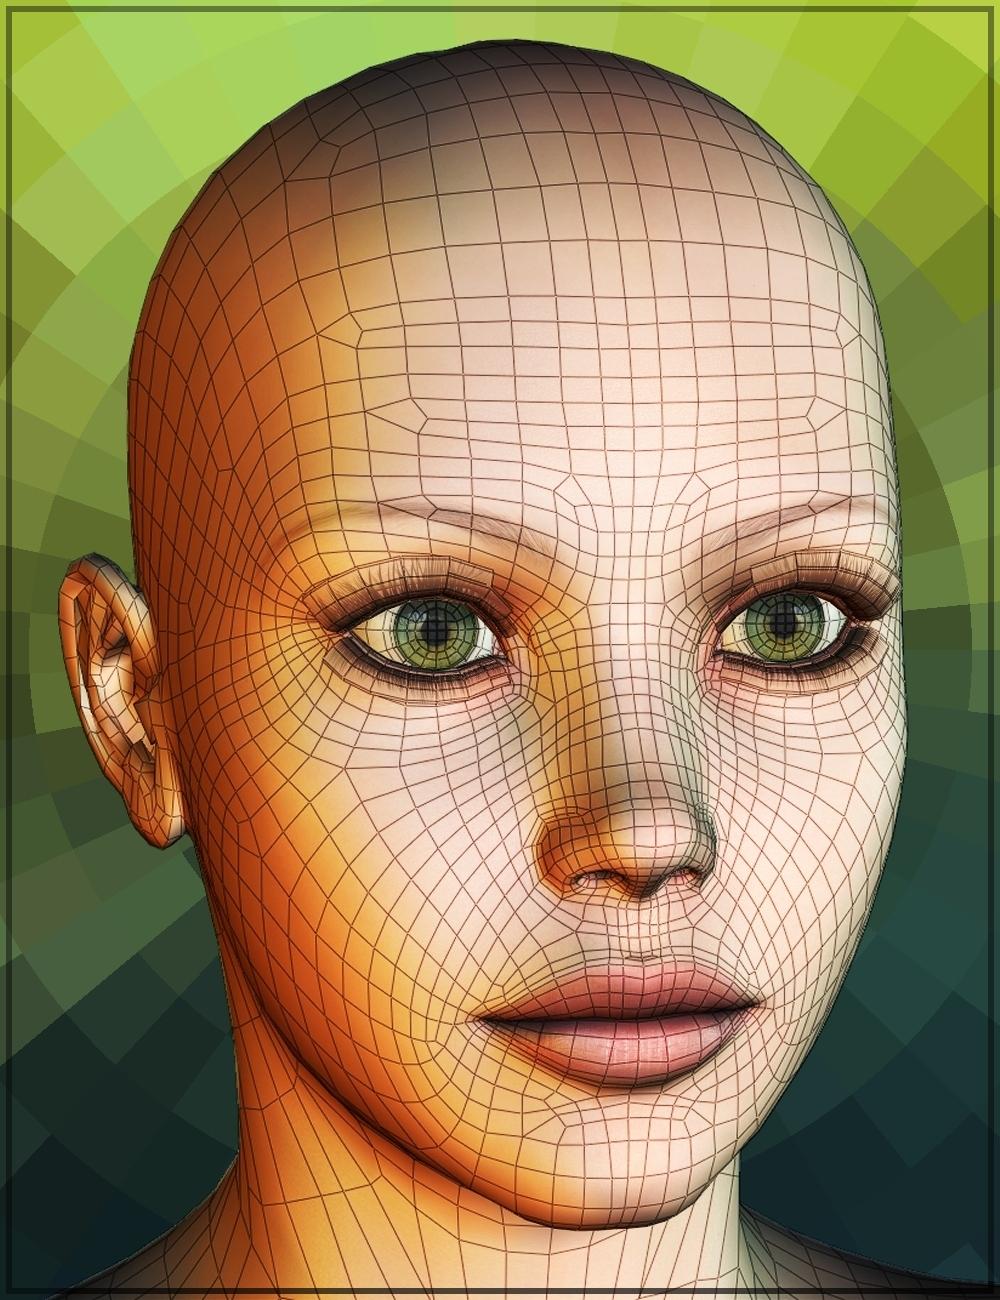 Genesis Head Morph Resource Kit 4 by: ThorneHandspan Studios, 3D Models by Daz 3D